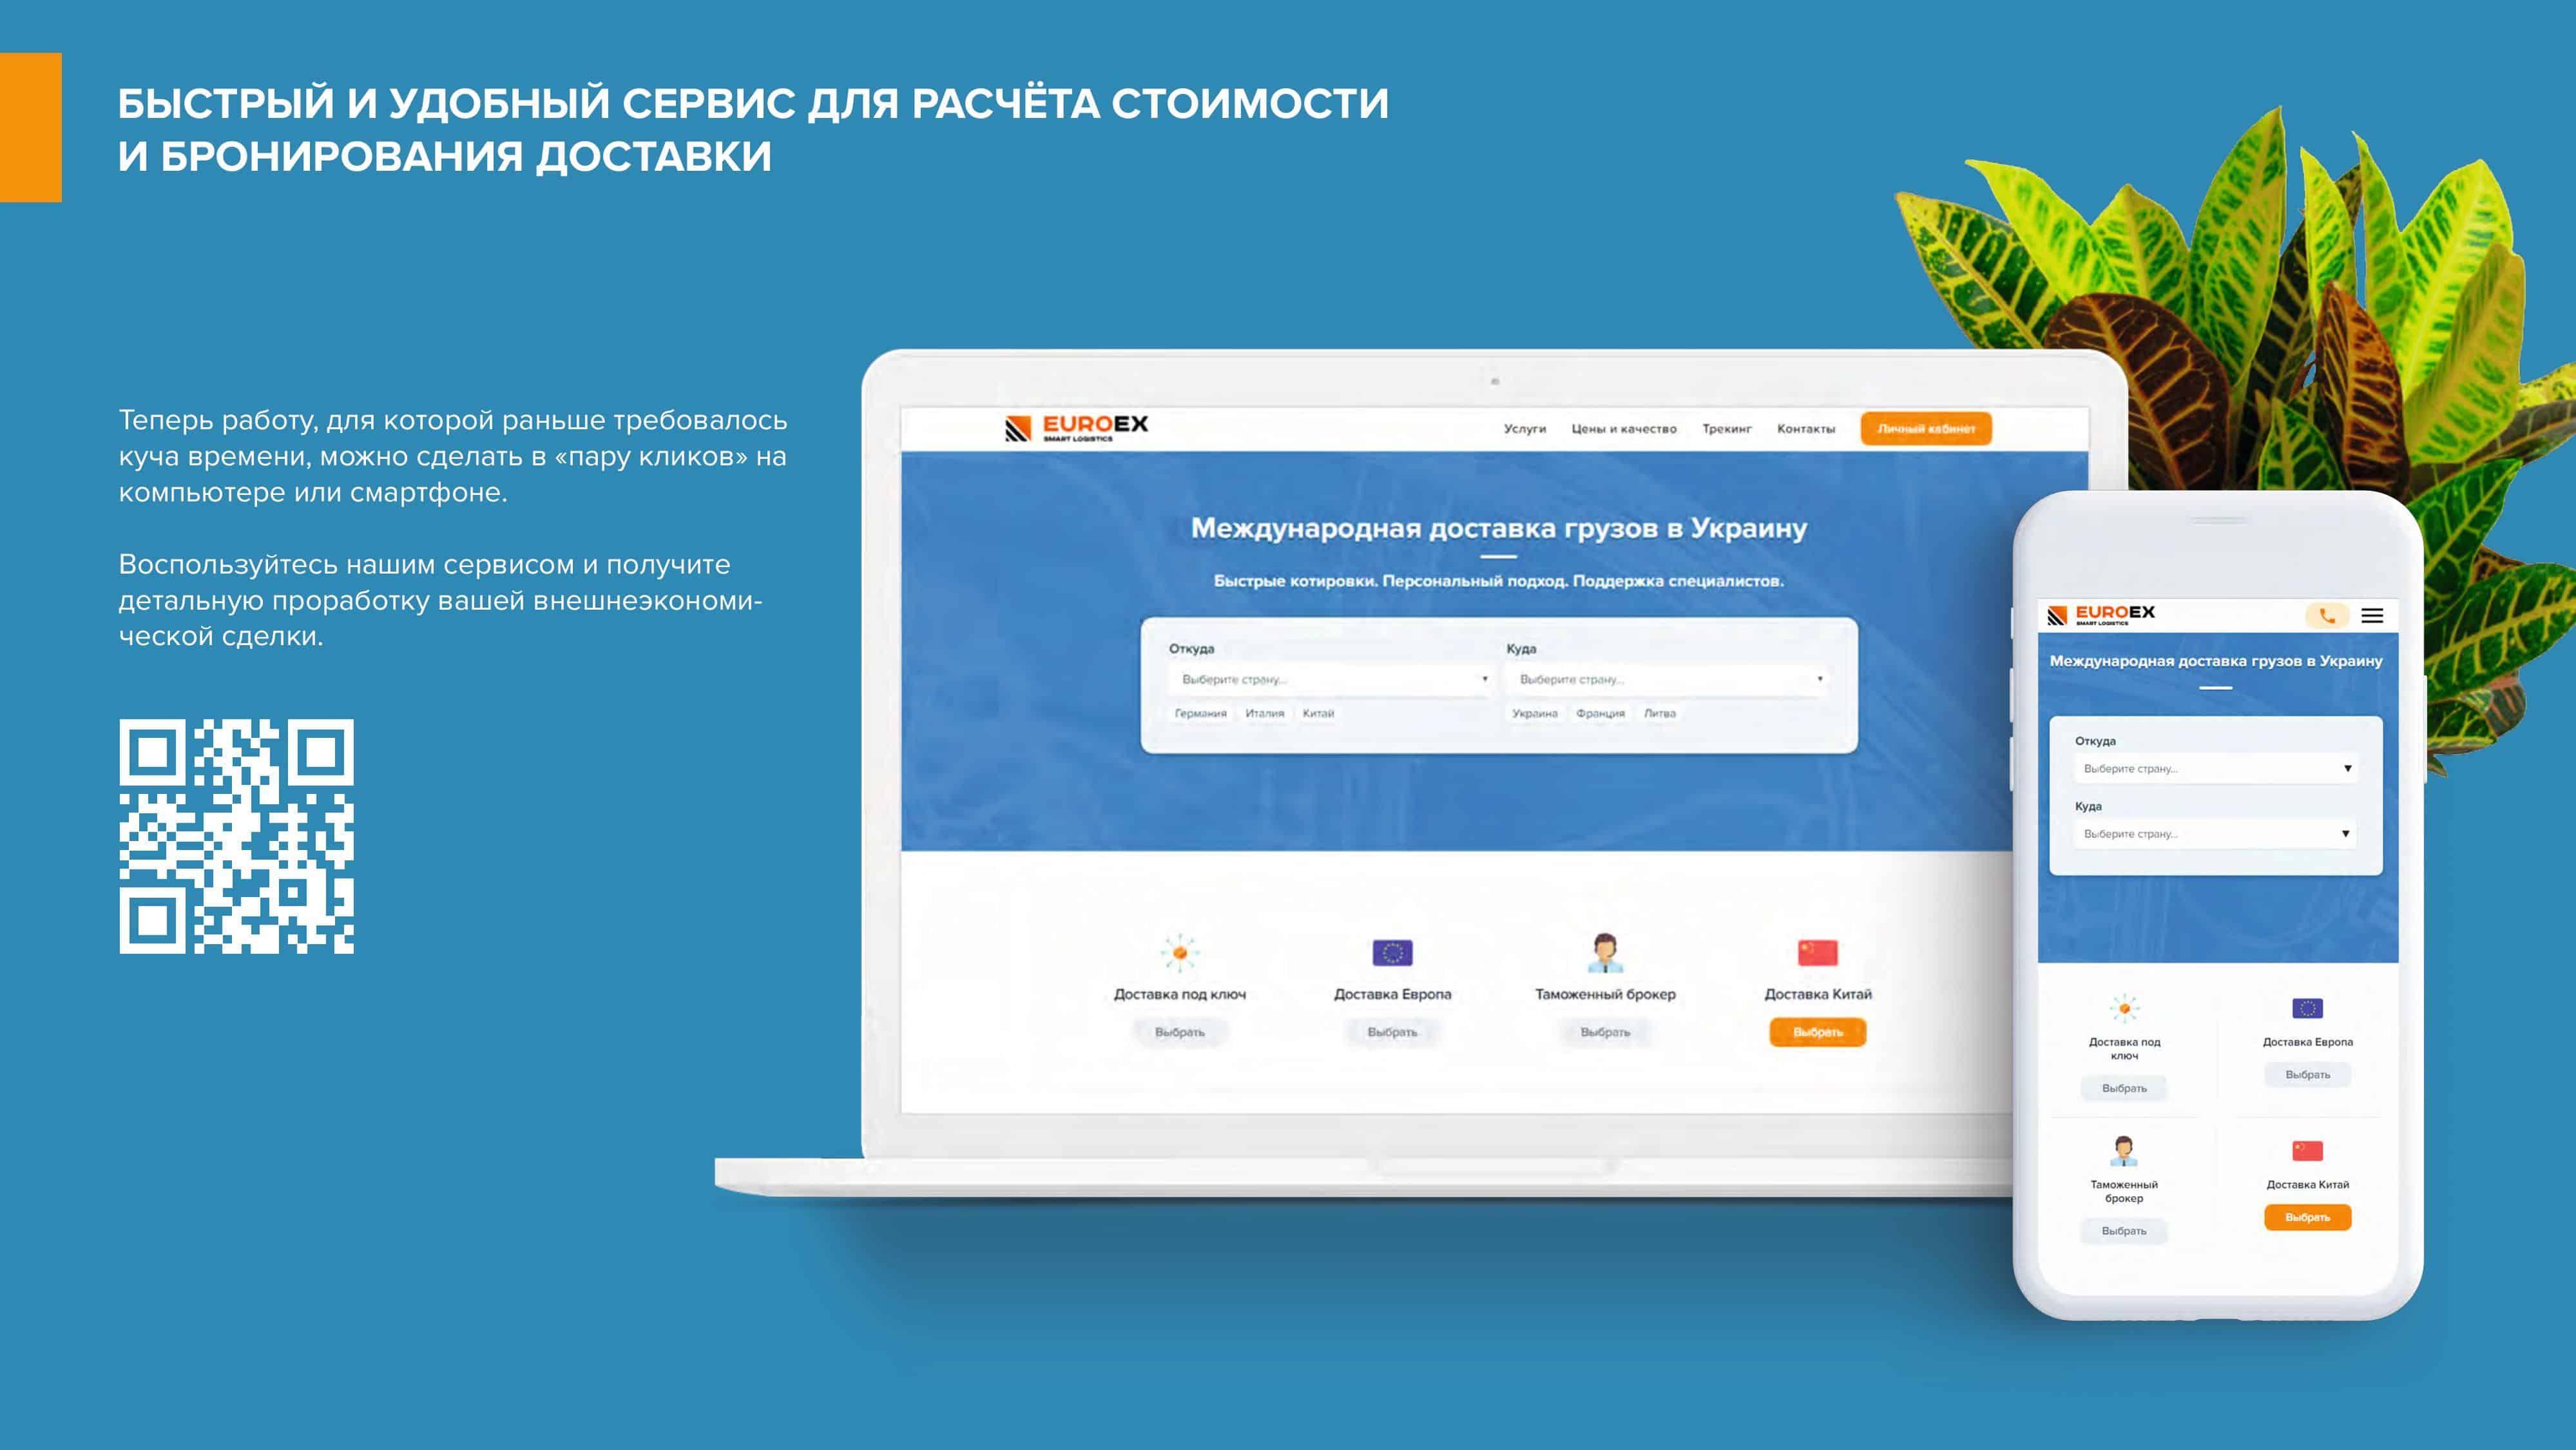 Prezentatsiya-EuroEx - Международная доставка грузов — транспортно логистические перевозки в Украину   EuroEx-  фото3